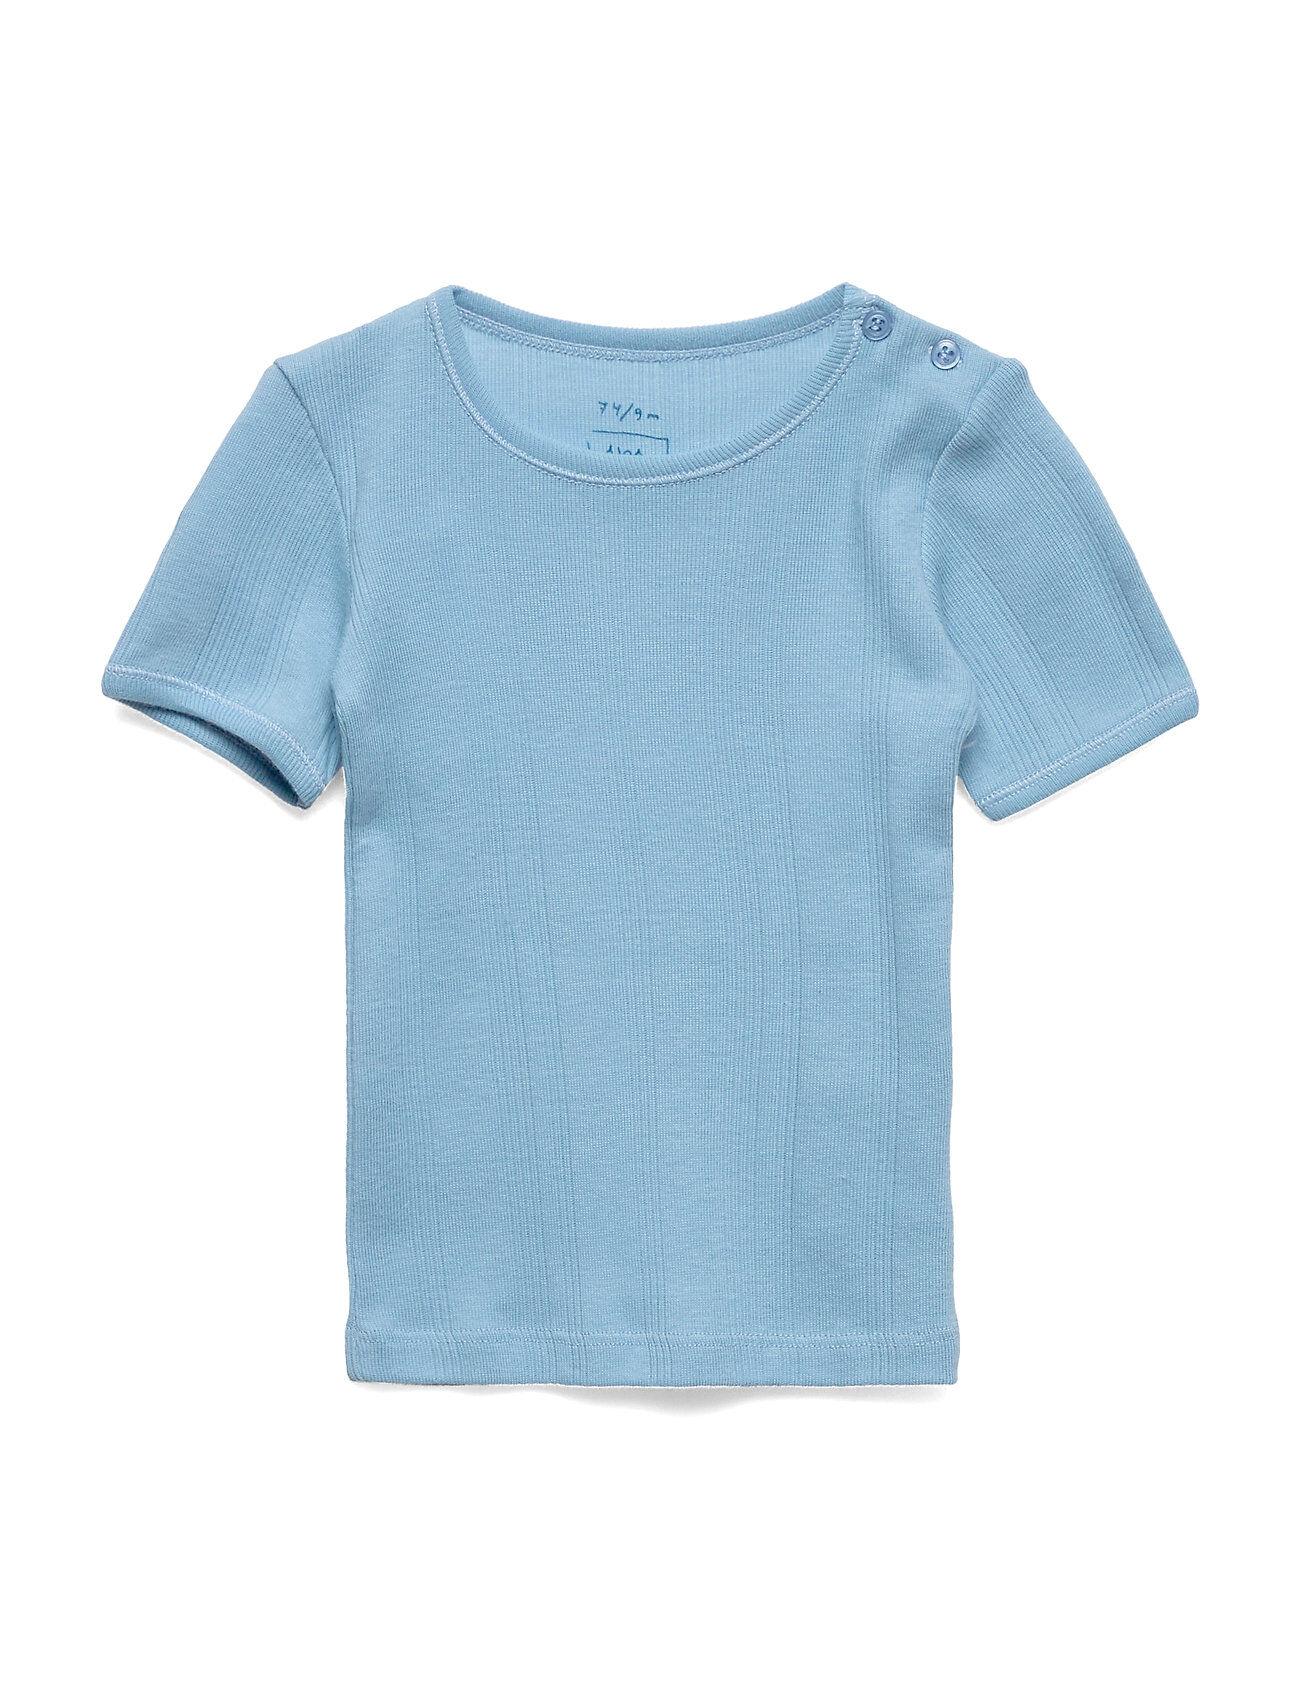 Noa Noa Miniature T-Shirt T-shirts Short-sleeved Sininen Noa Noa Miniature